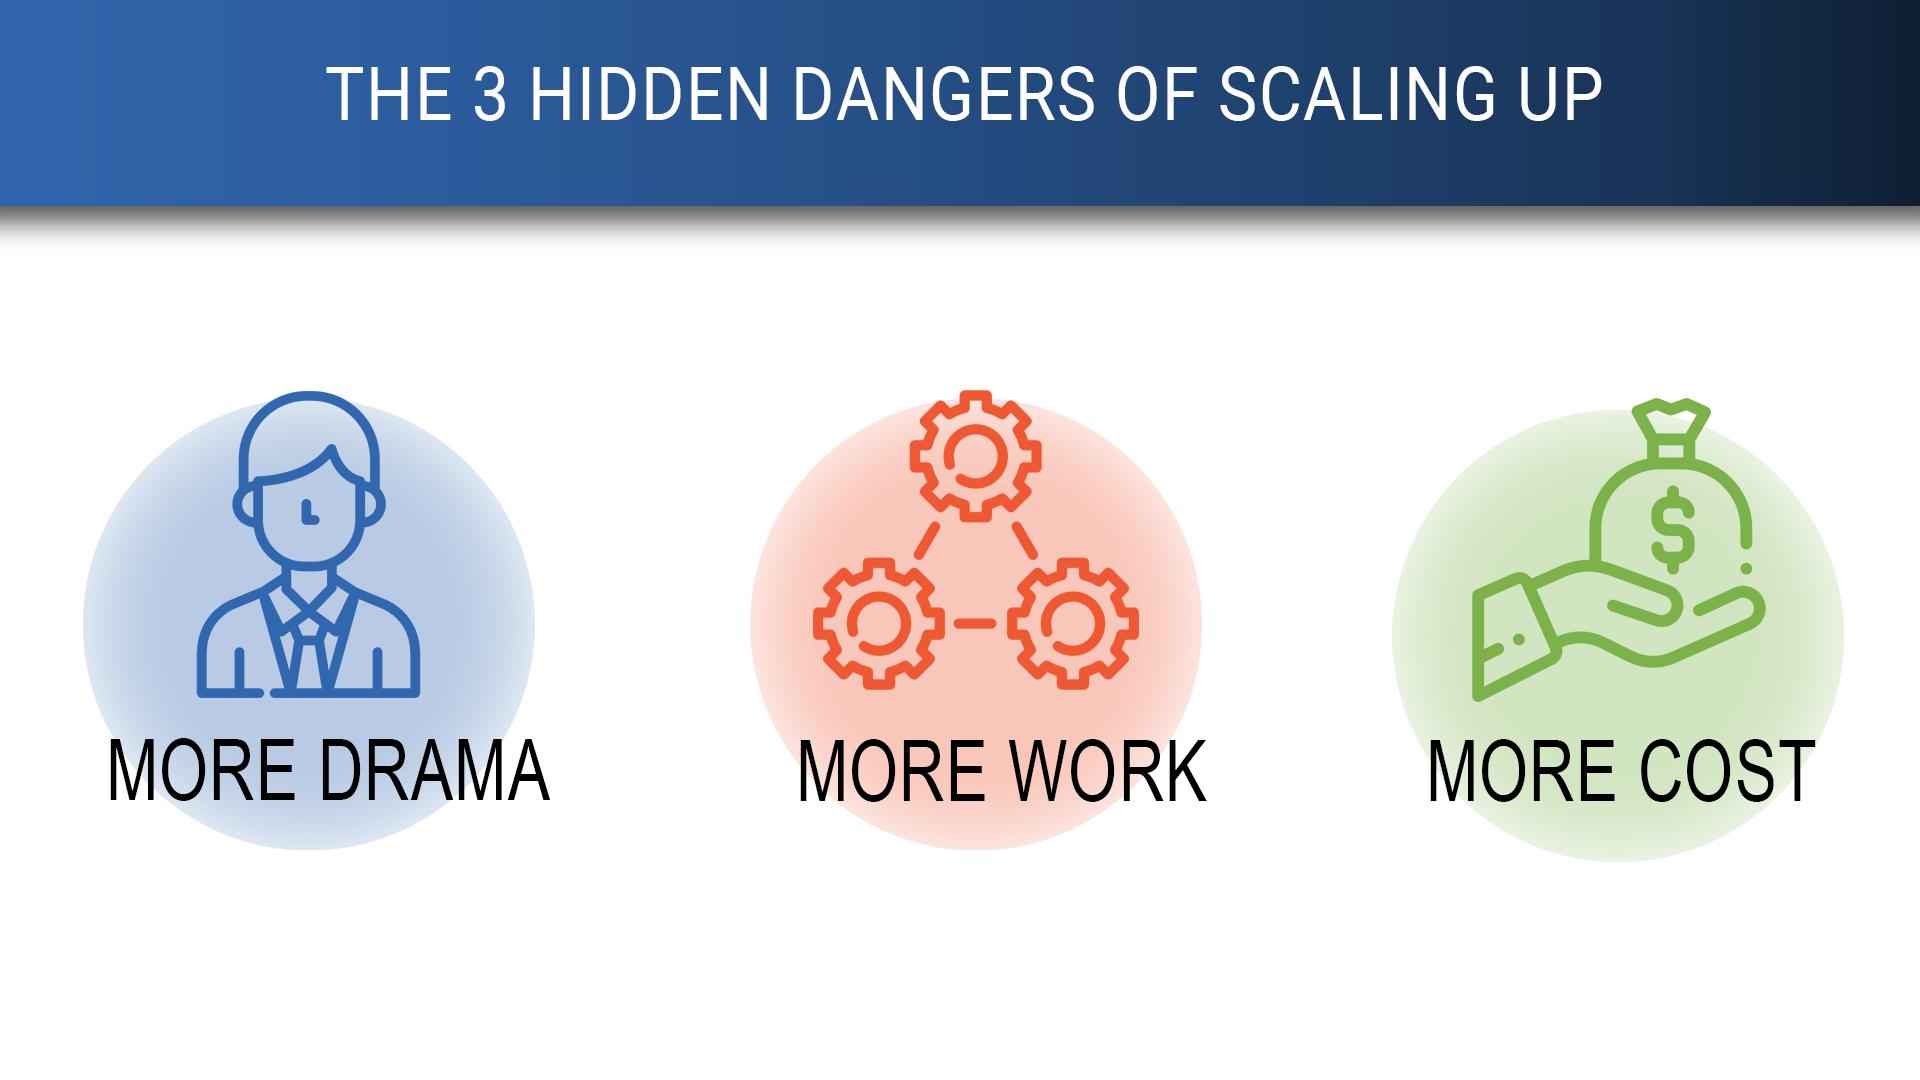 The 3 Hidden Dangers of Scaling Up